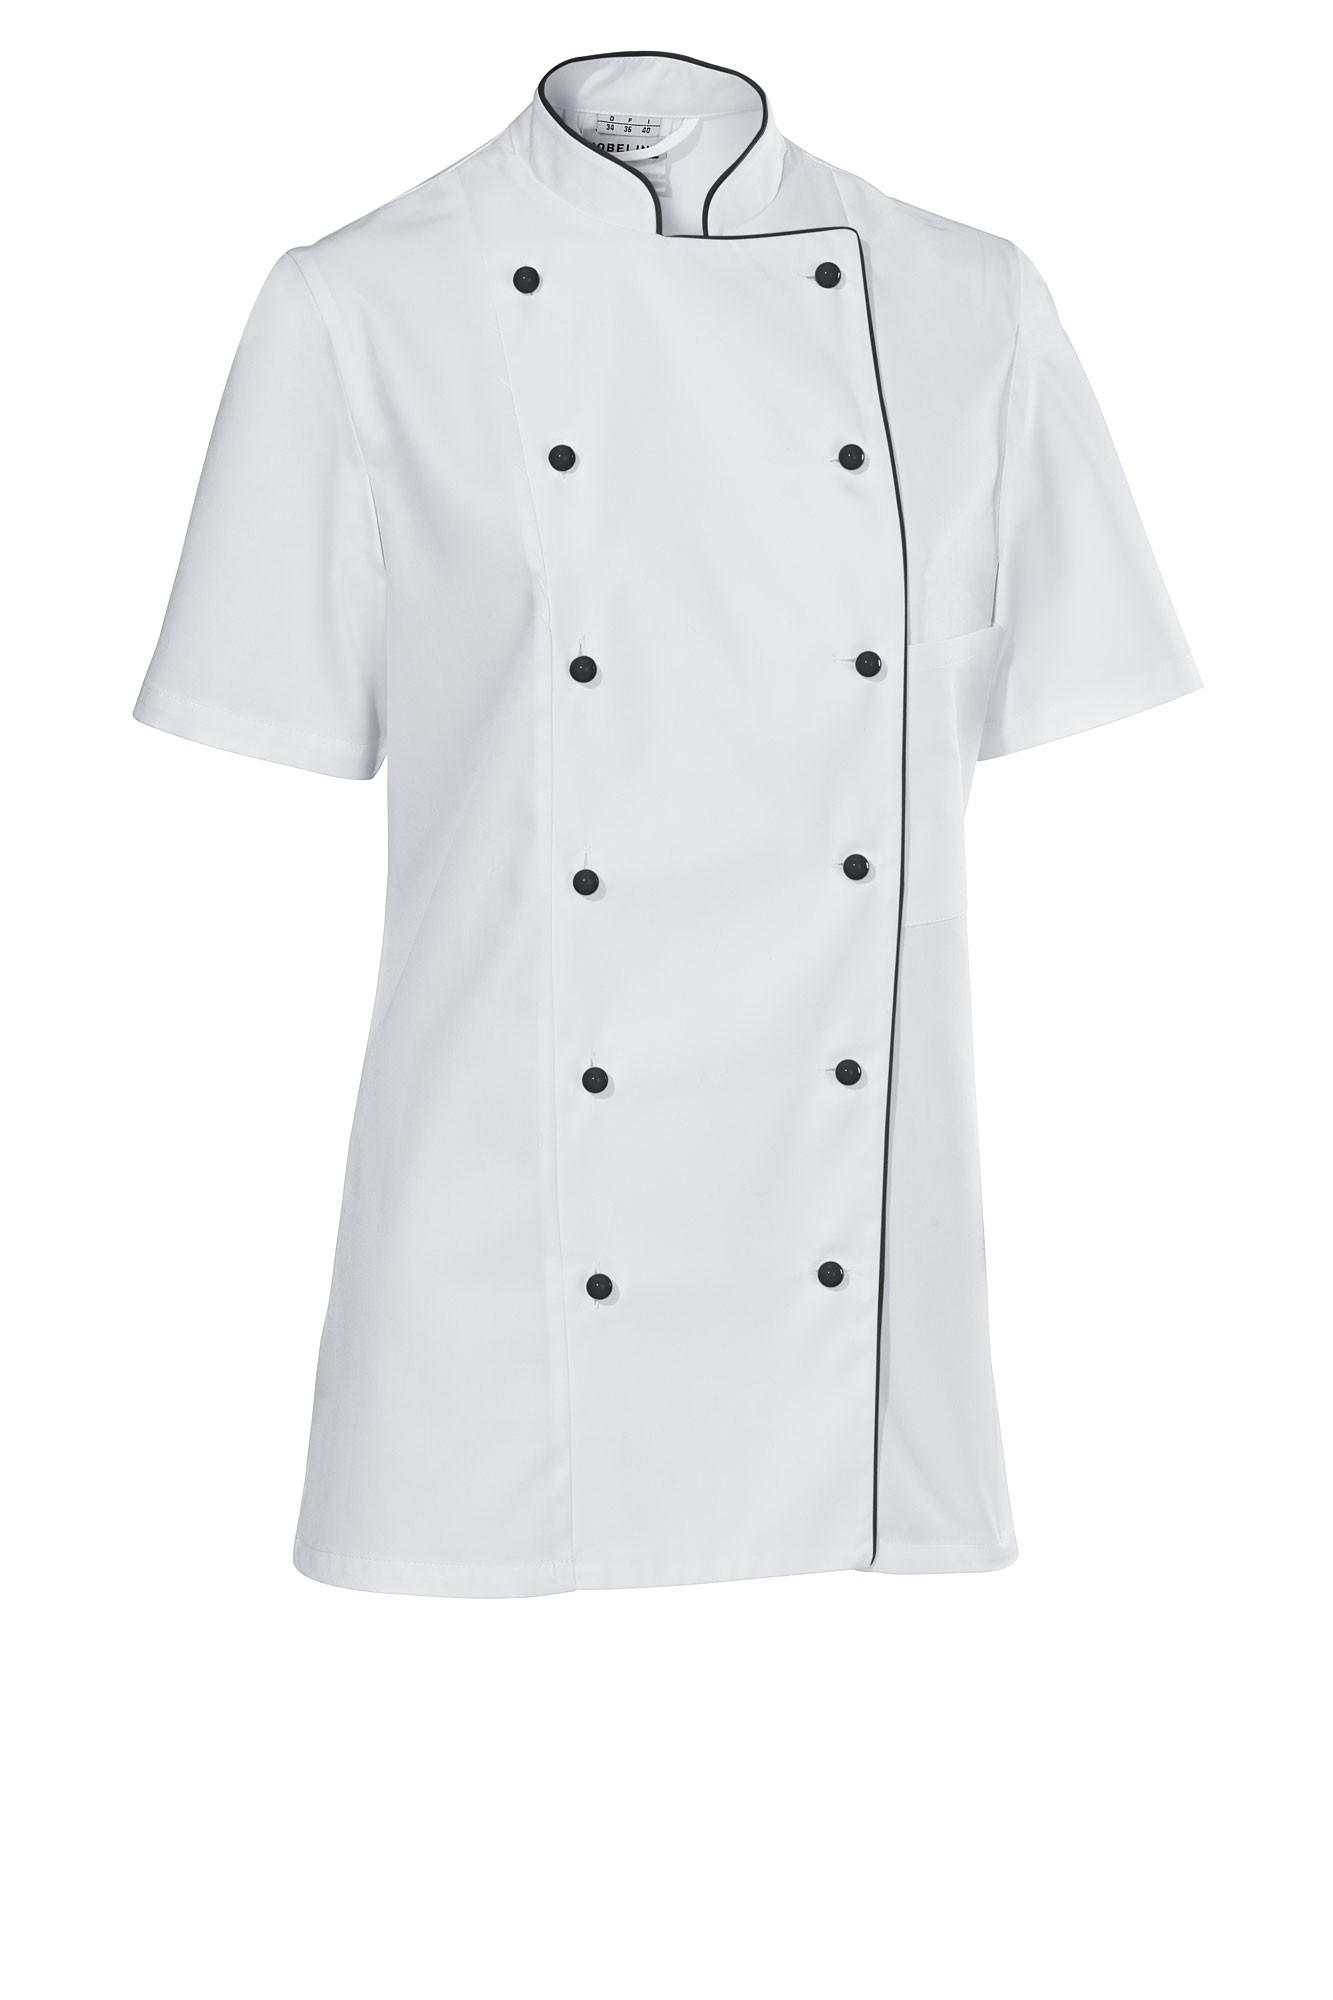 Premium Chef dámský - krátký rukáv - bílá/černá